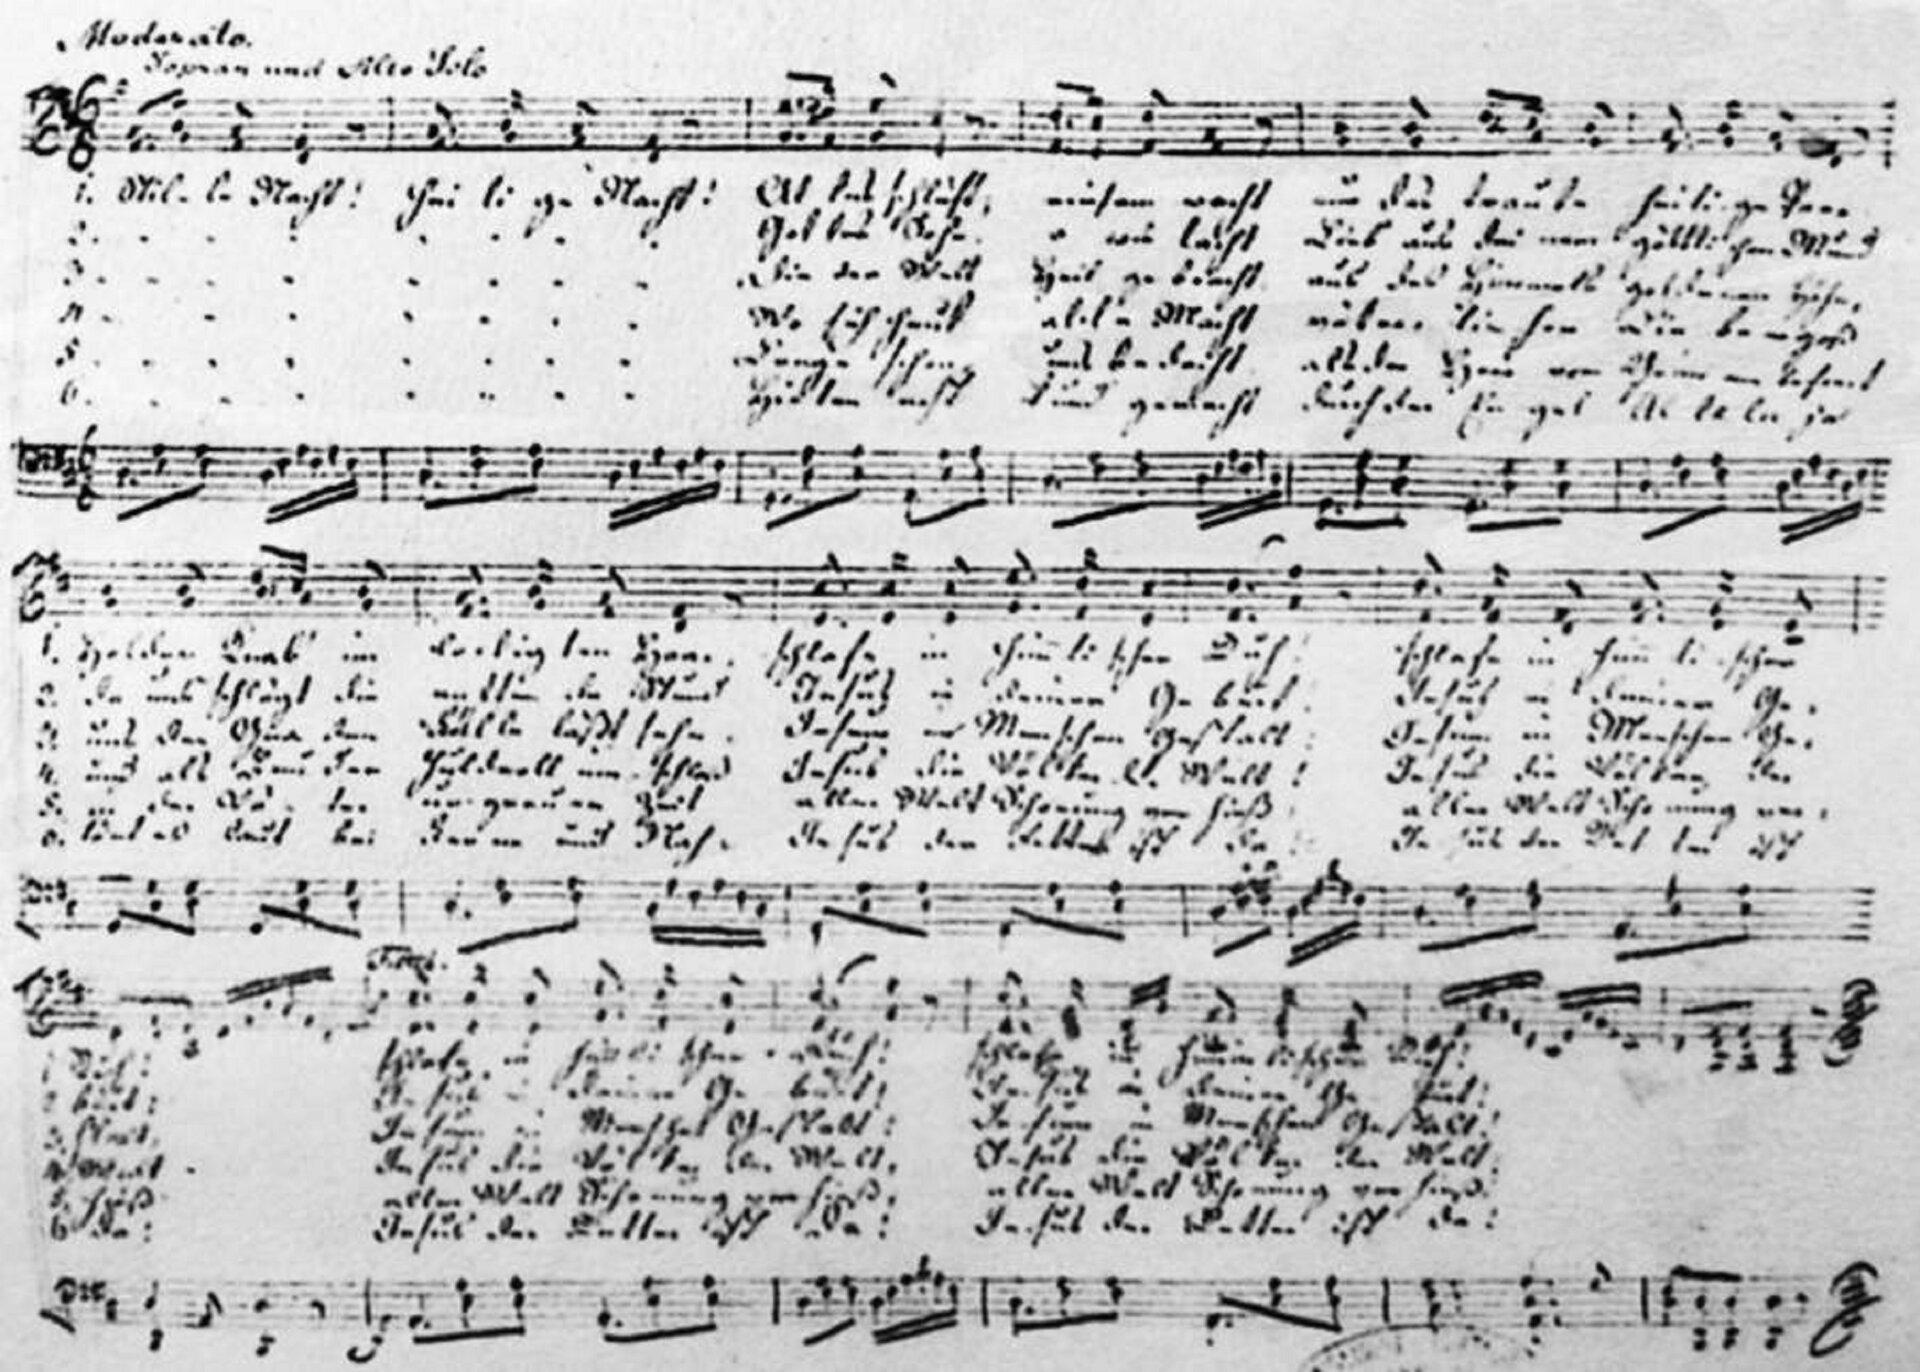 Ilustracja przedstawia rękopis kolędy Grubera, prawdopodobnie napisany ok. 1860 roku.